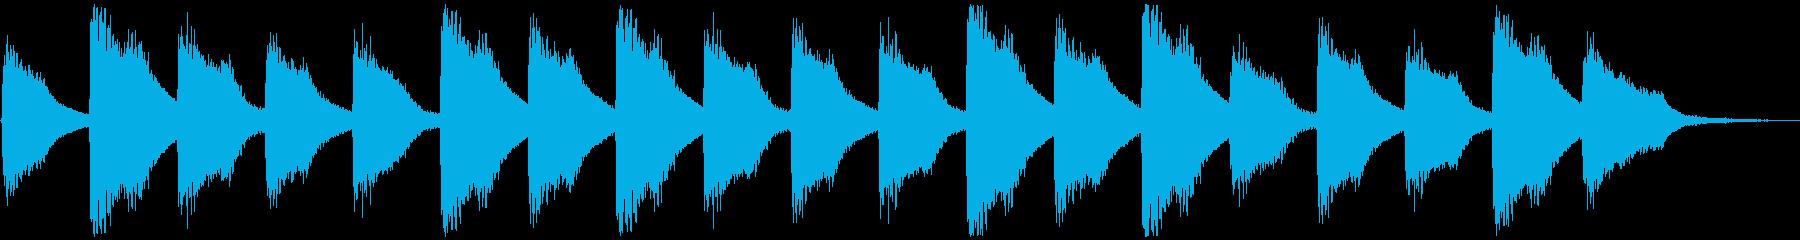 子供と爽やかピアノ、5秒CM、ver.Aの再生済みの波形